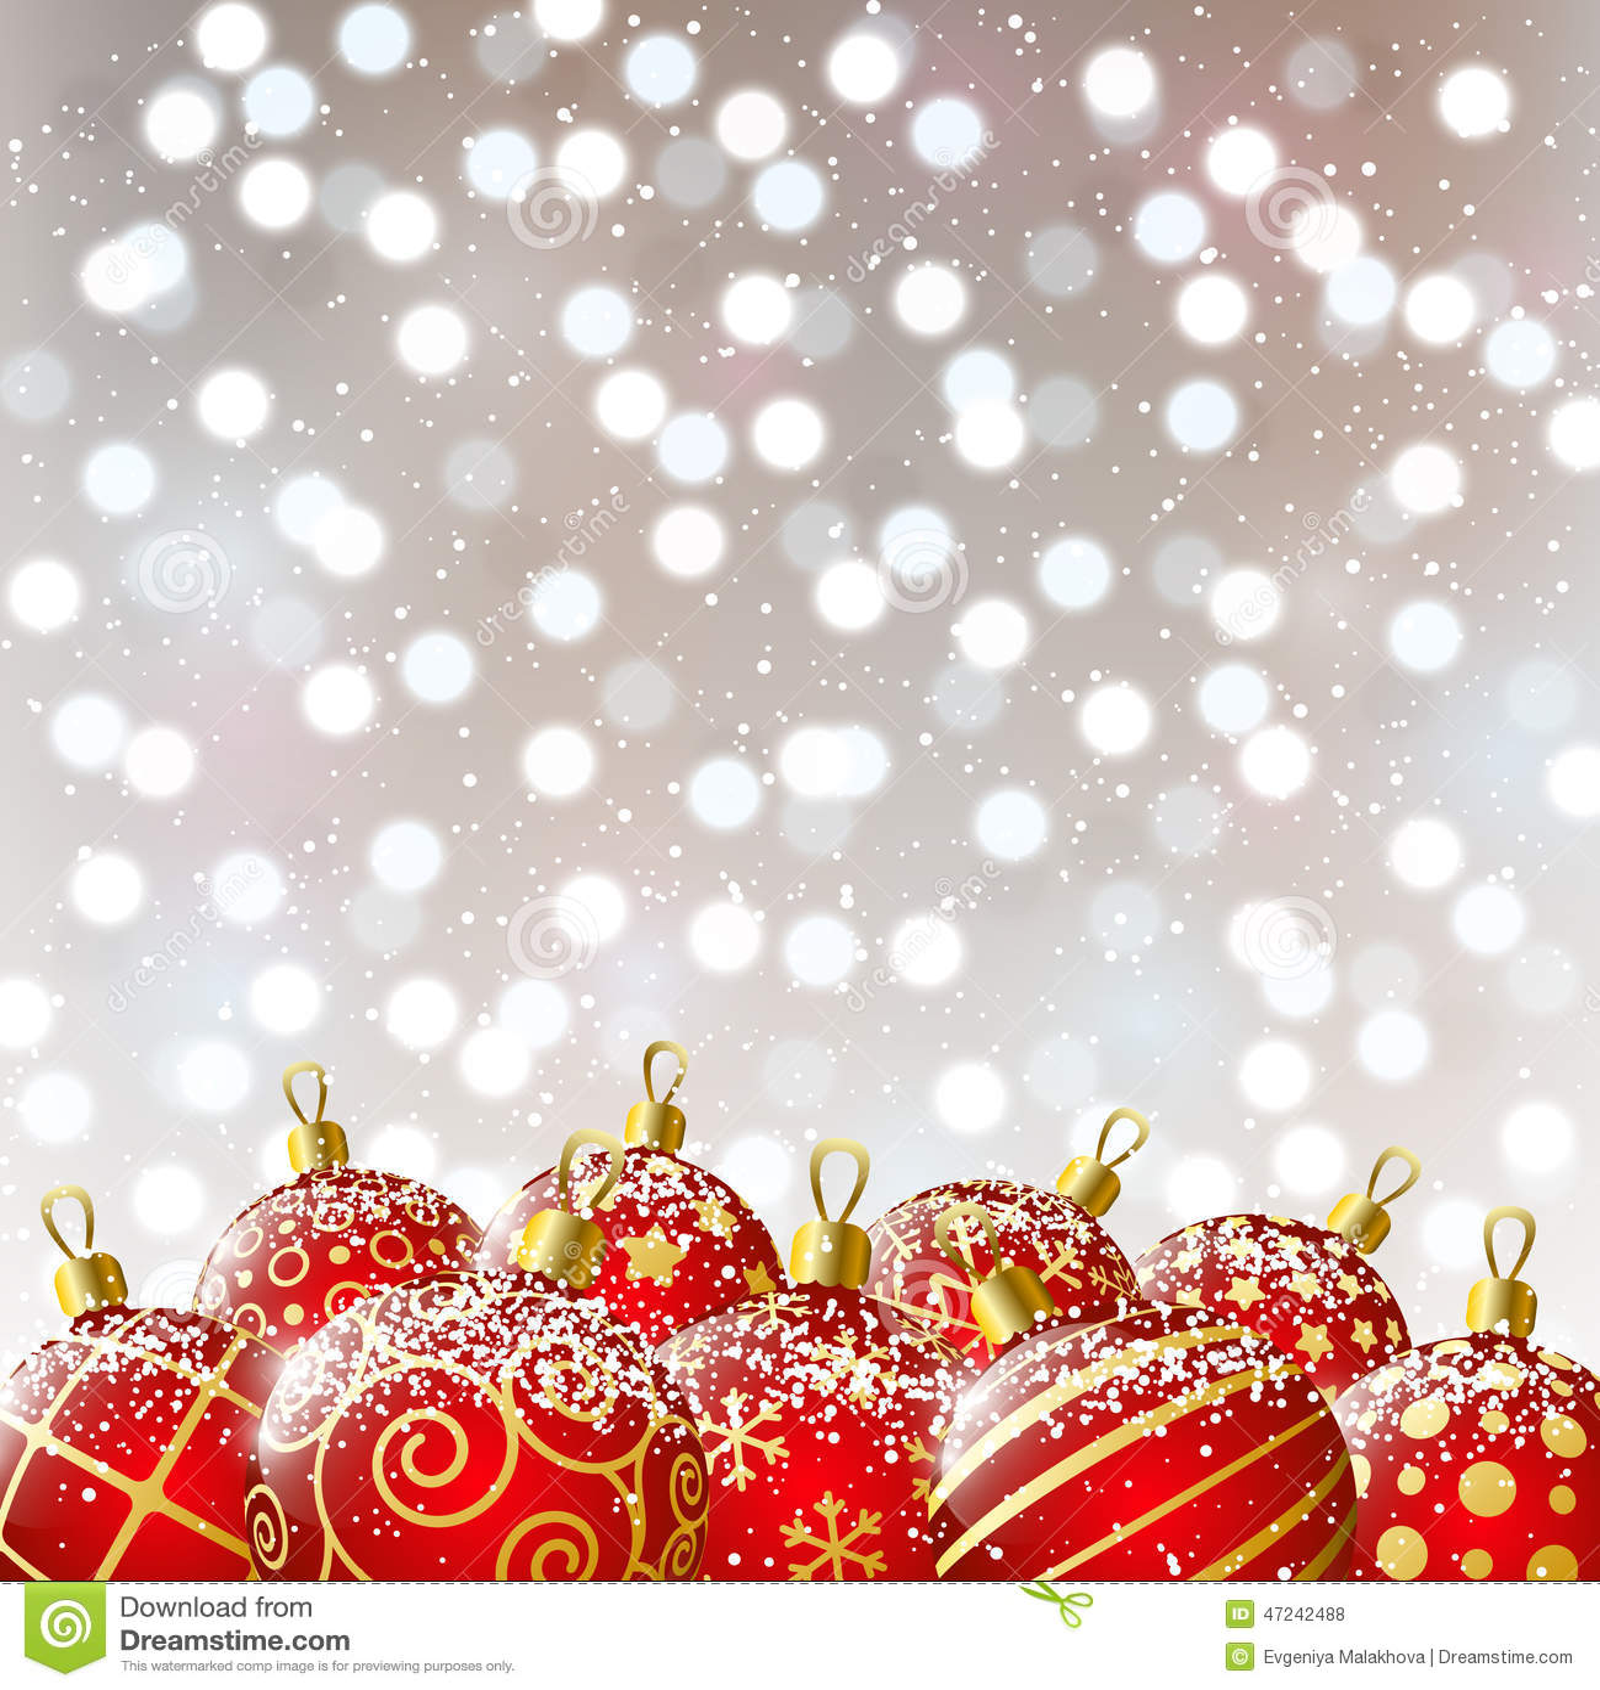 Bolas rojas de navidad en fondo del bokeh ilustraci n del - Bolas de navidad rojas ...